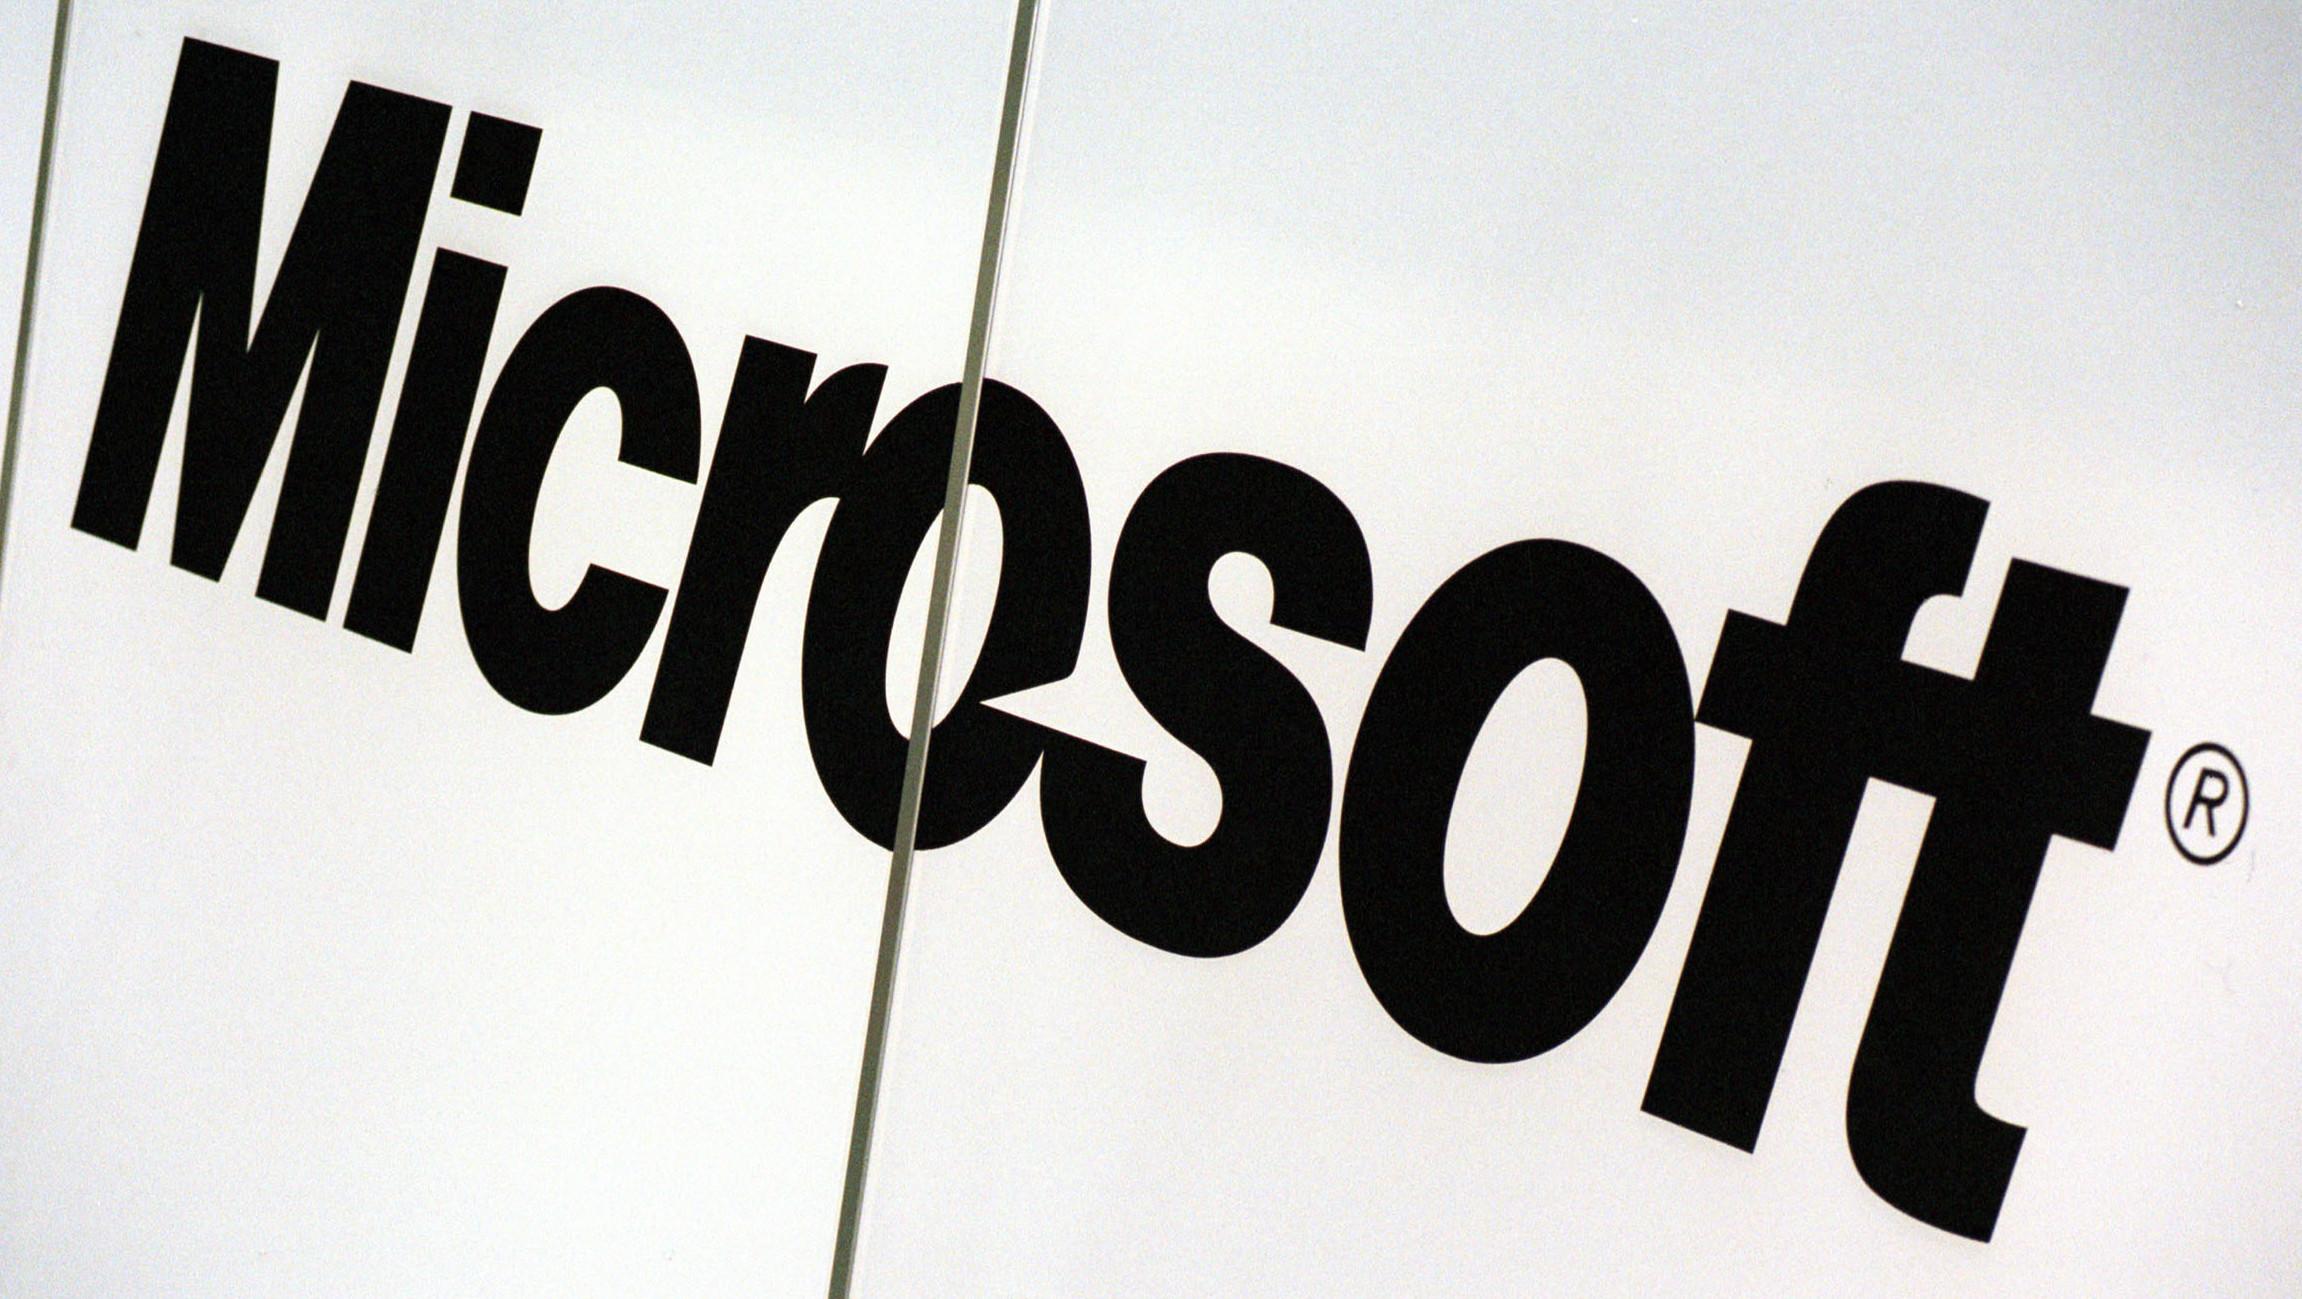 Seks britiske tenåringen brukte Lizard Squads «stresser service» for å ramme blant annet Microsoft.